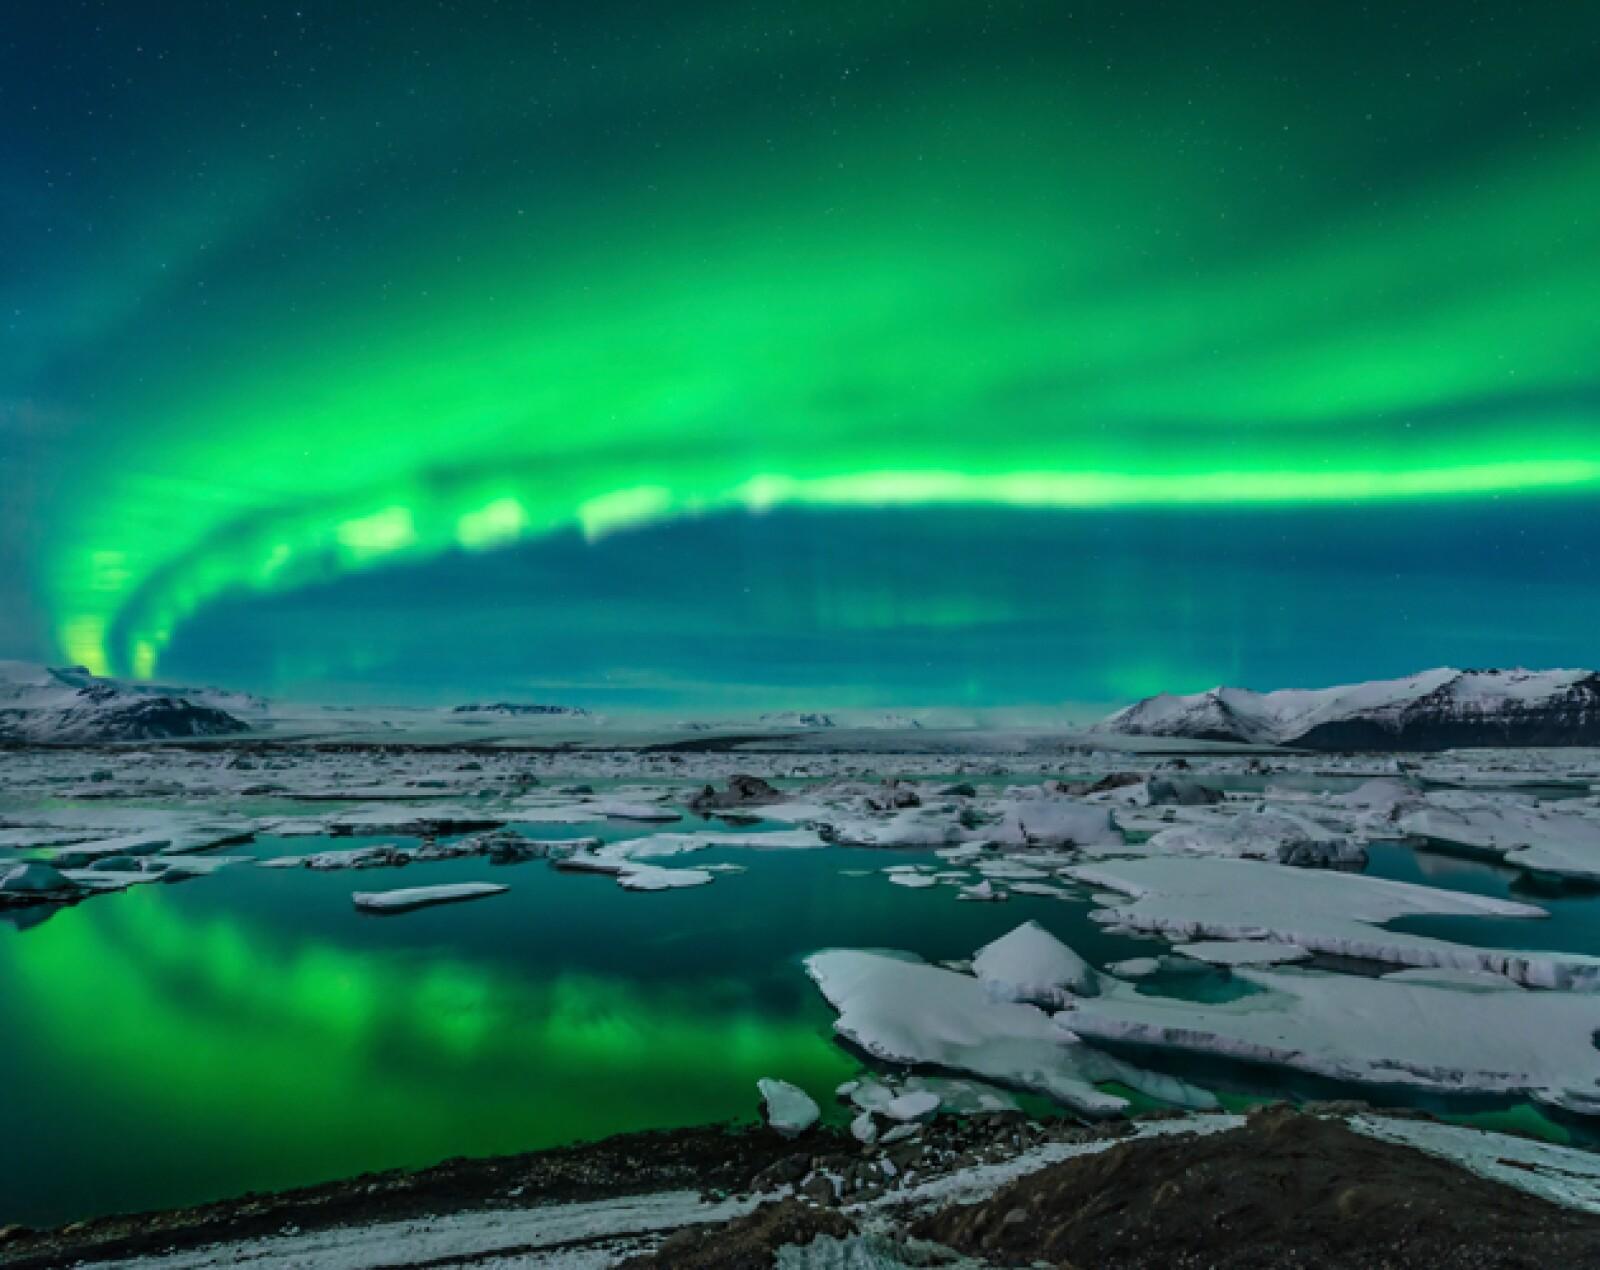 Este país es famoso por no ver la luz del sol, o por verla demasiado, según la temporada del año. Cuando el caso es el primero, las auroras llenan el cielo. La ciudad de Jökulsárlón es el lugar per...